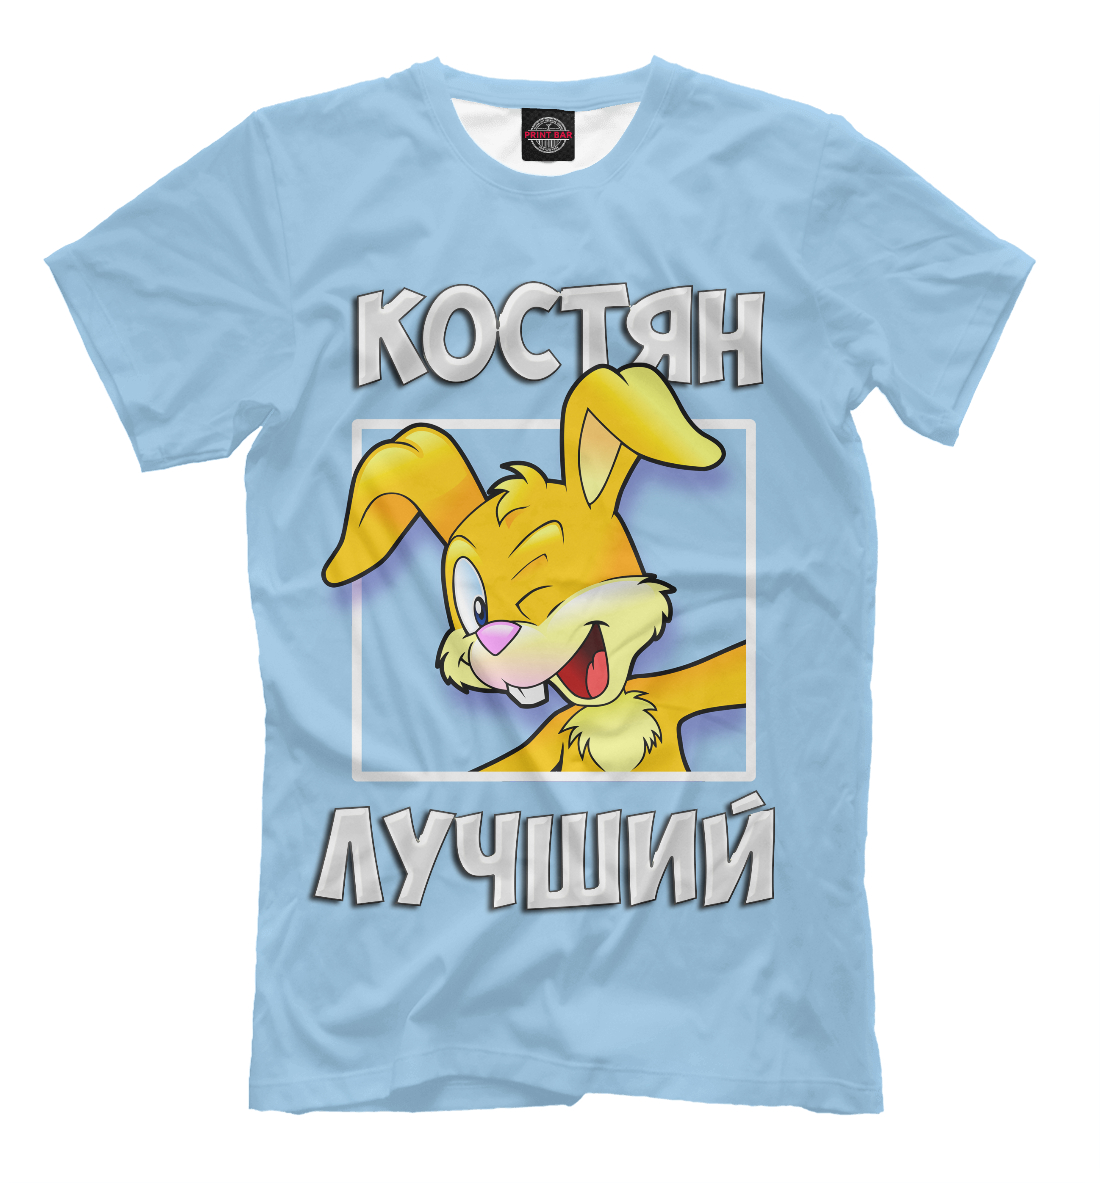 Купить Костян лучший, Printbar, Футболки, KST-612287-fut-2